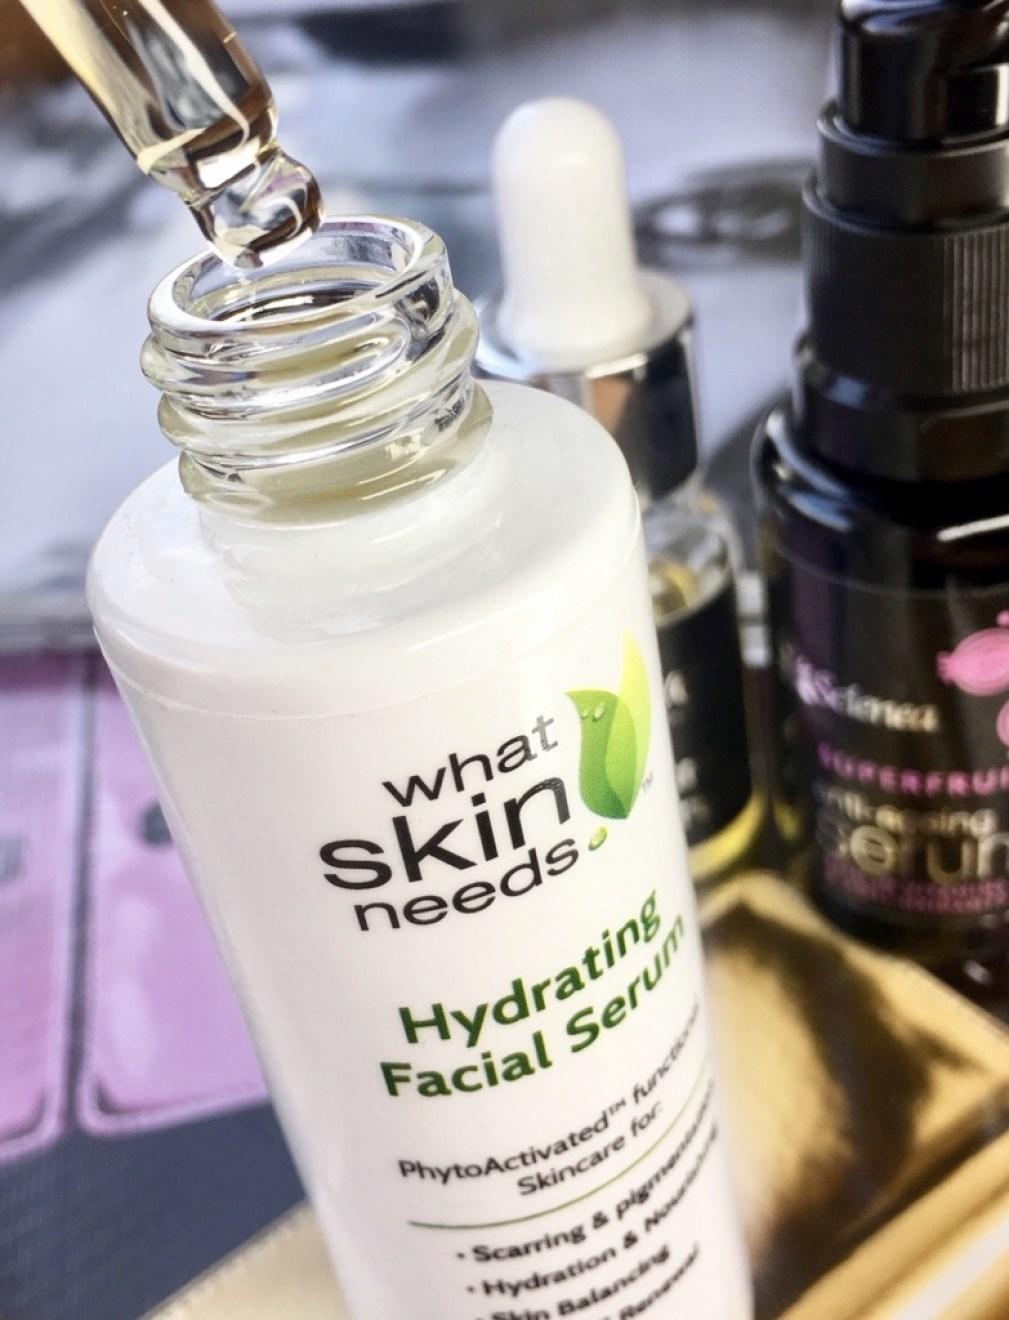 What Skin needs hydrating serum